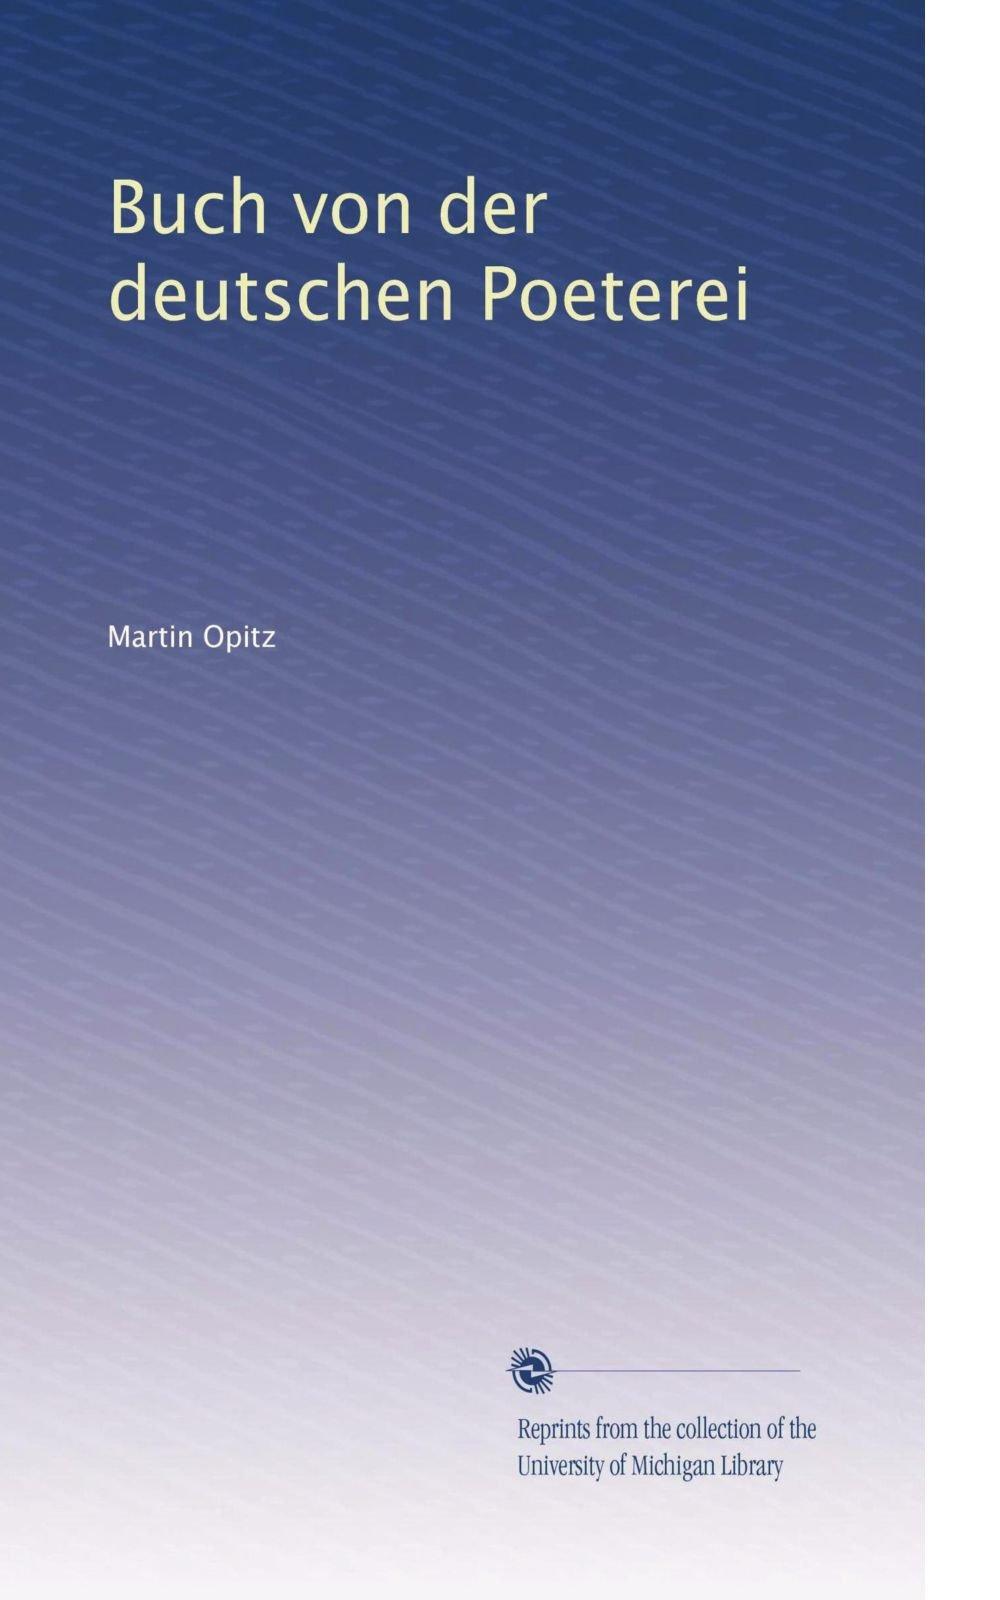 Buch von der deutschen Poeterei (German Edition) pdf epub